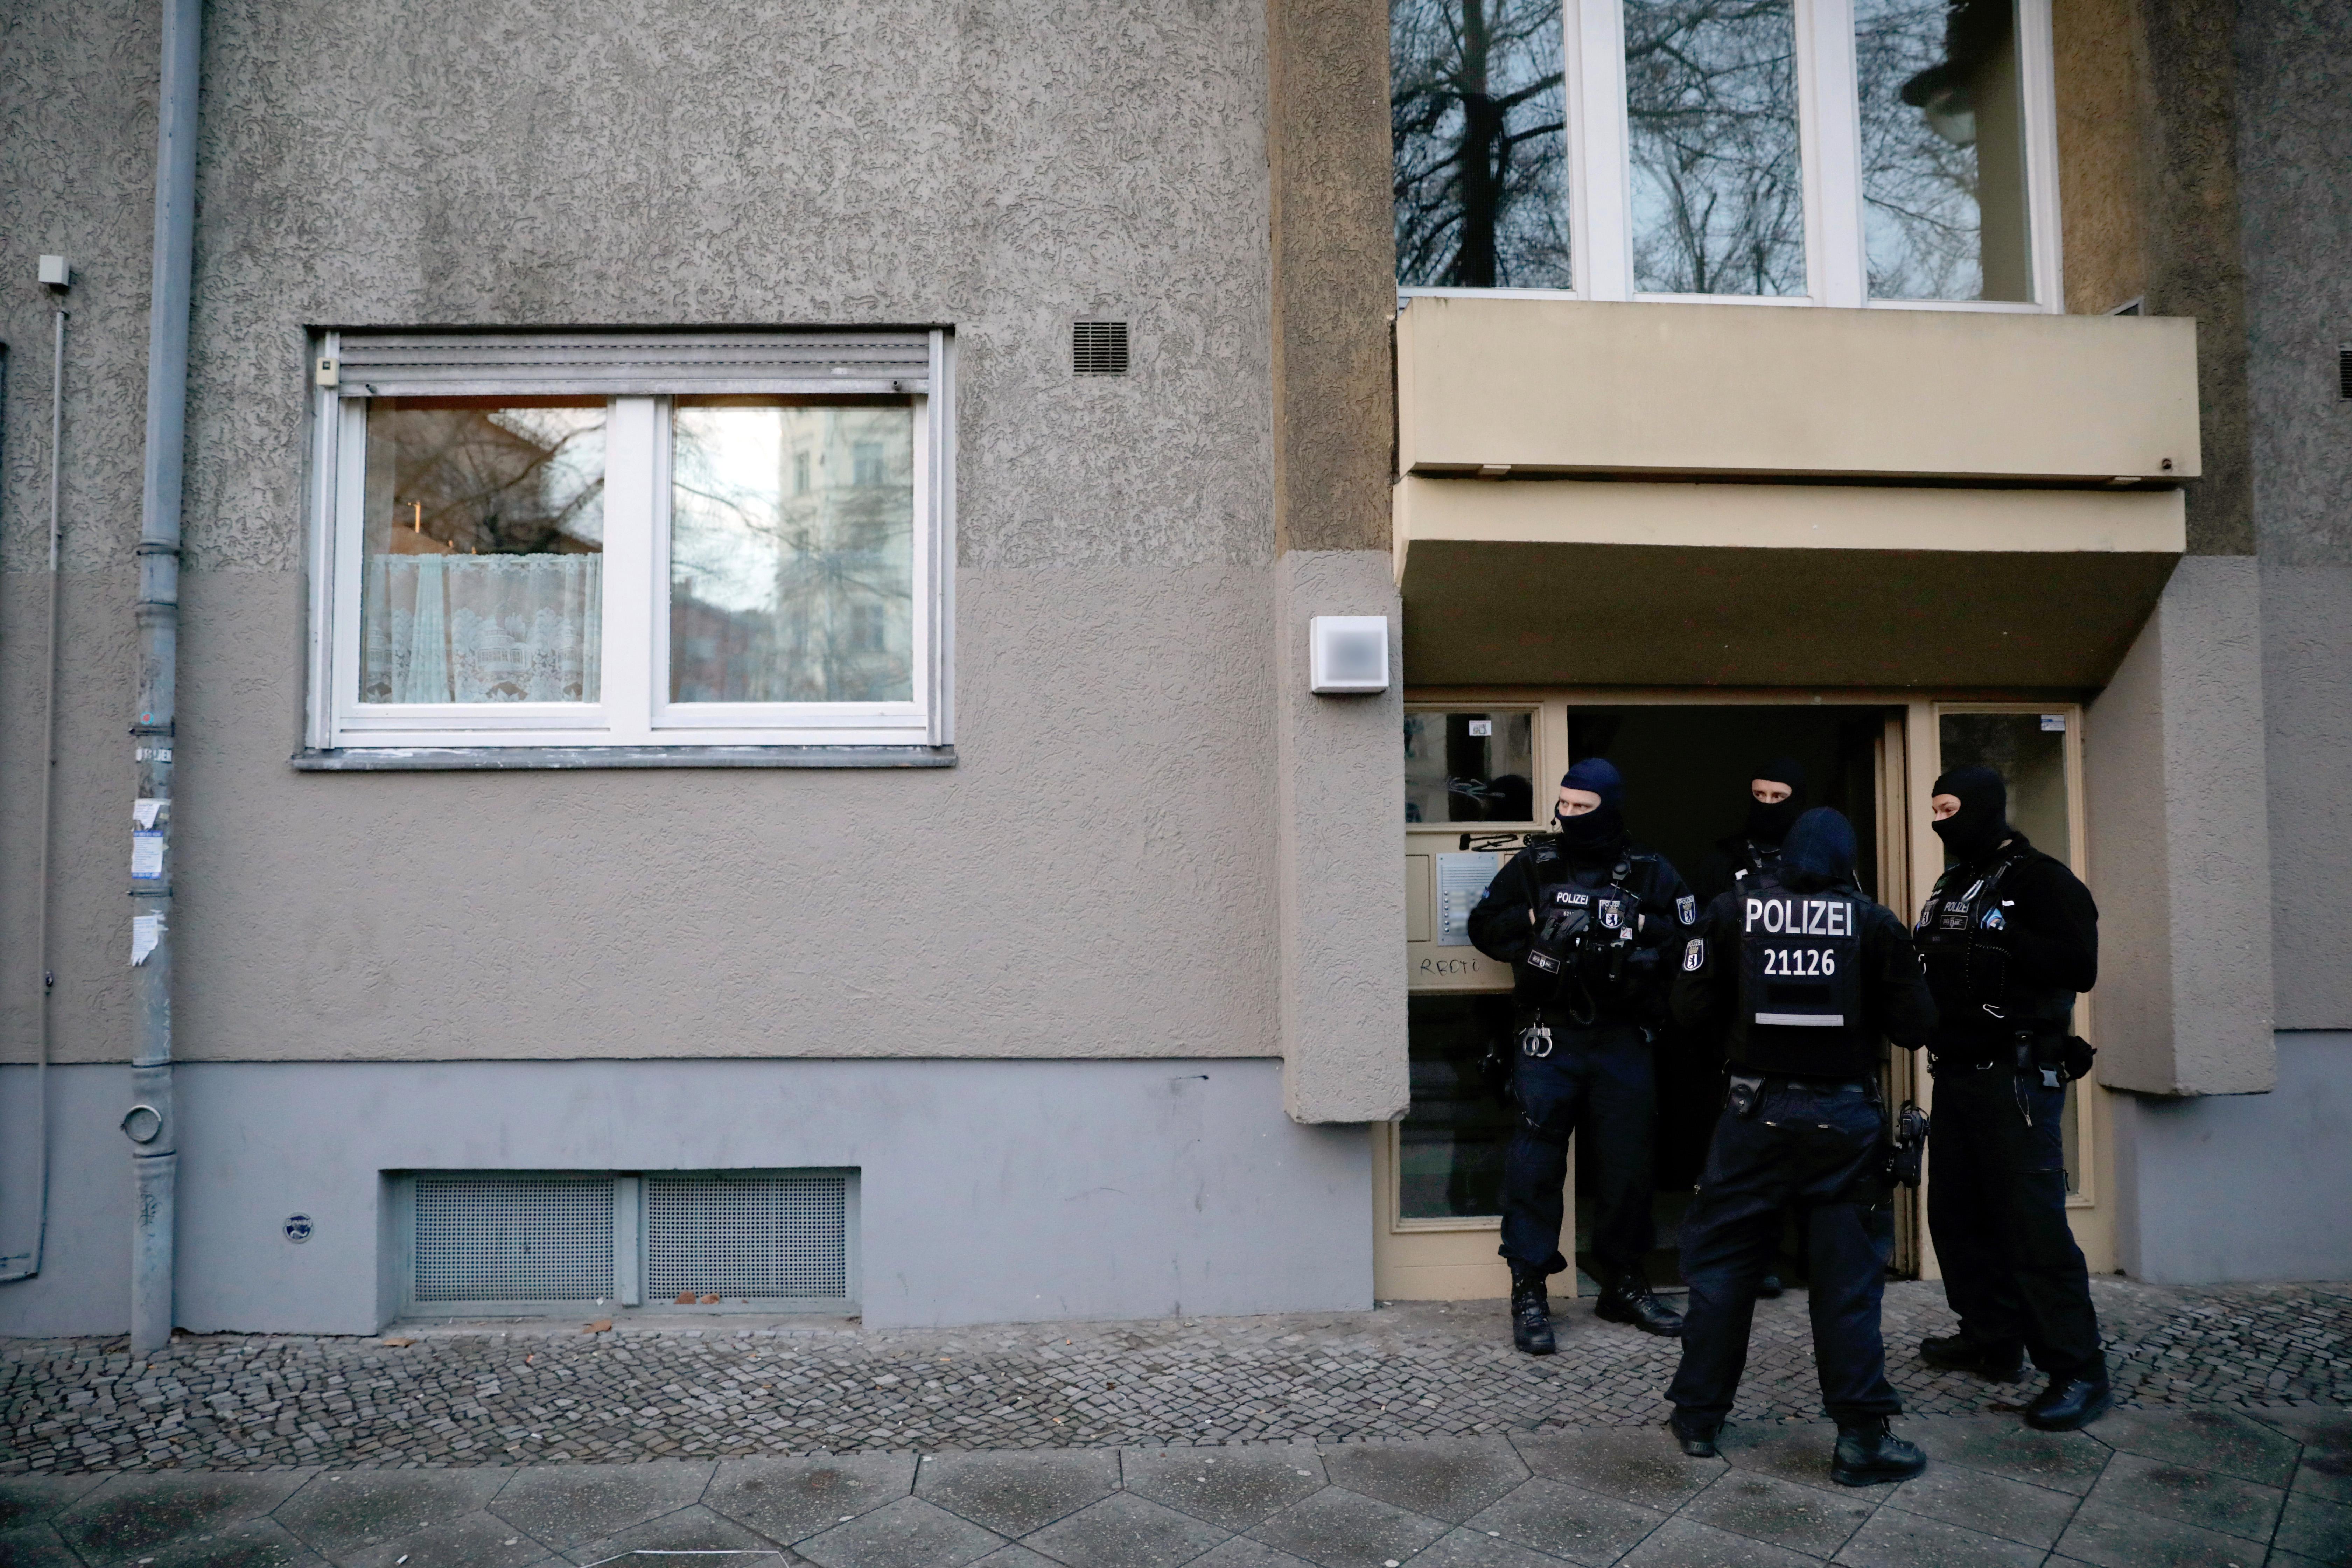 Szilveszteri petárdákból akart bombát gyártani három iraki férfi Németországban